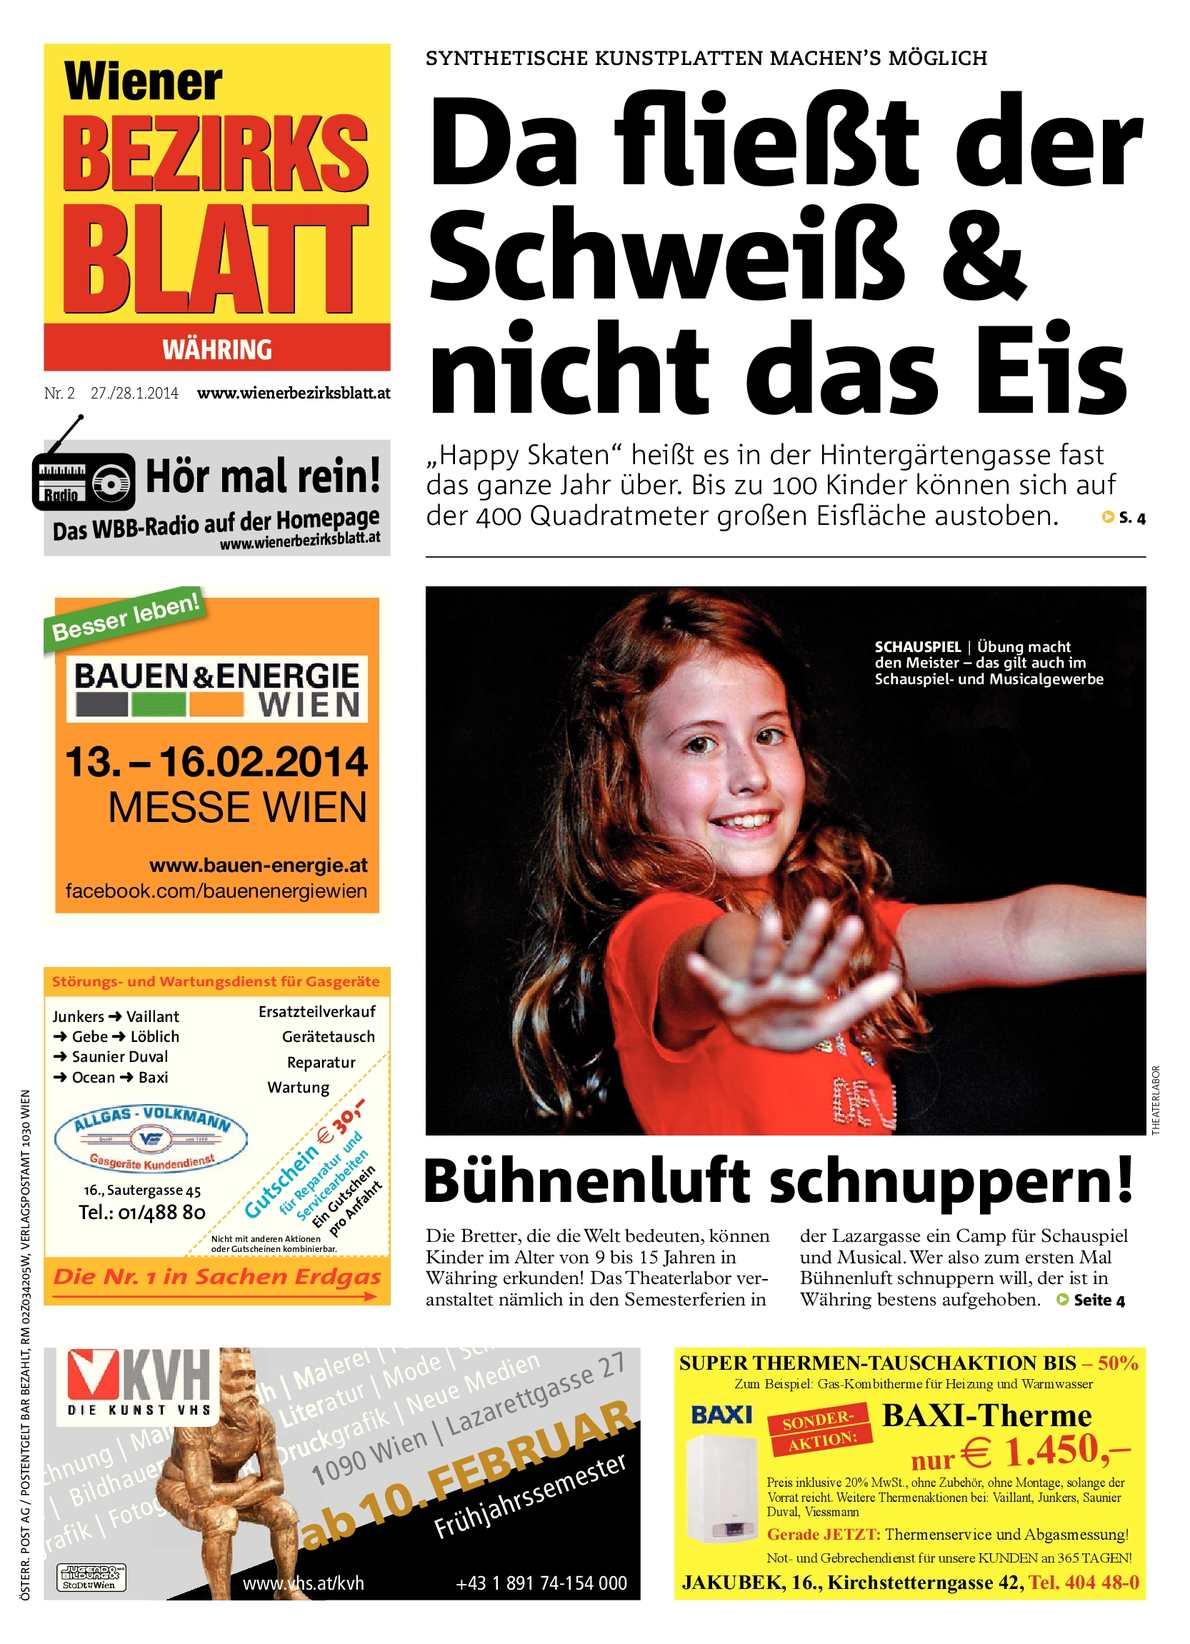 Pischelsdorf am kulm sie sucht ihn markt, Sex treff in Heilbad